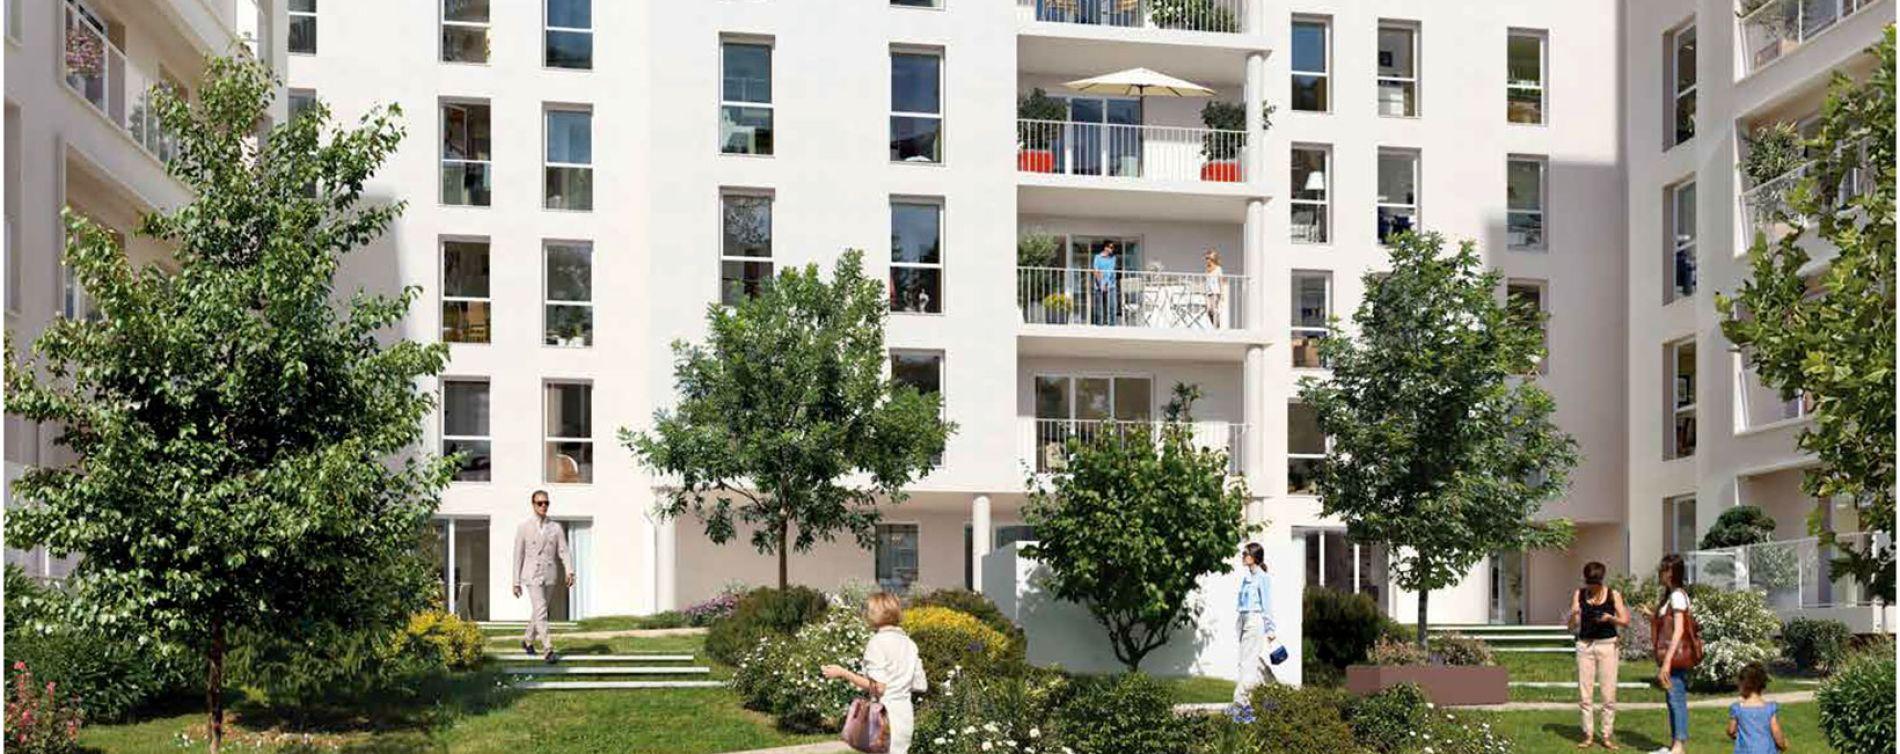 Résidence Le Jardin de Beauvoir à Noisiel